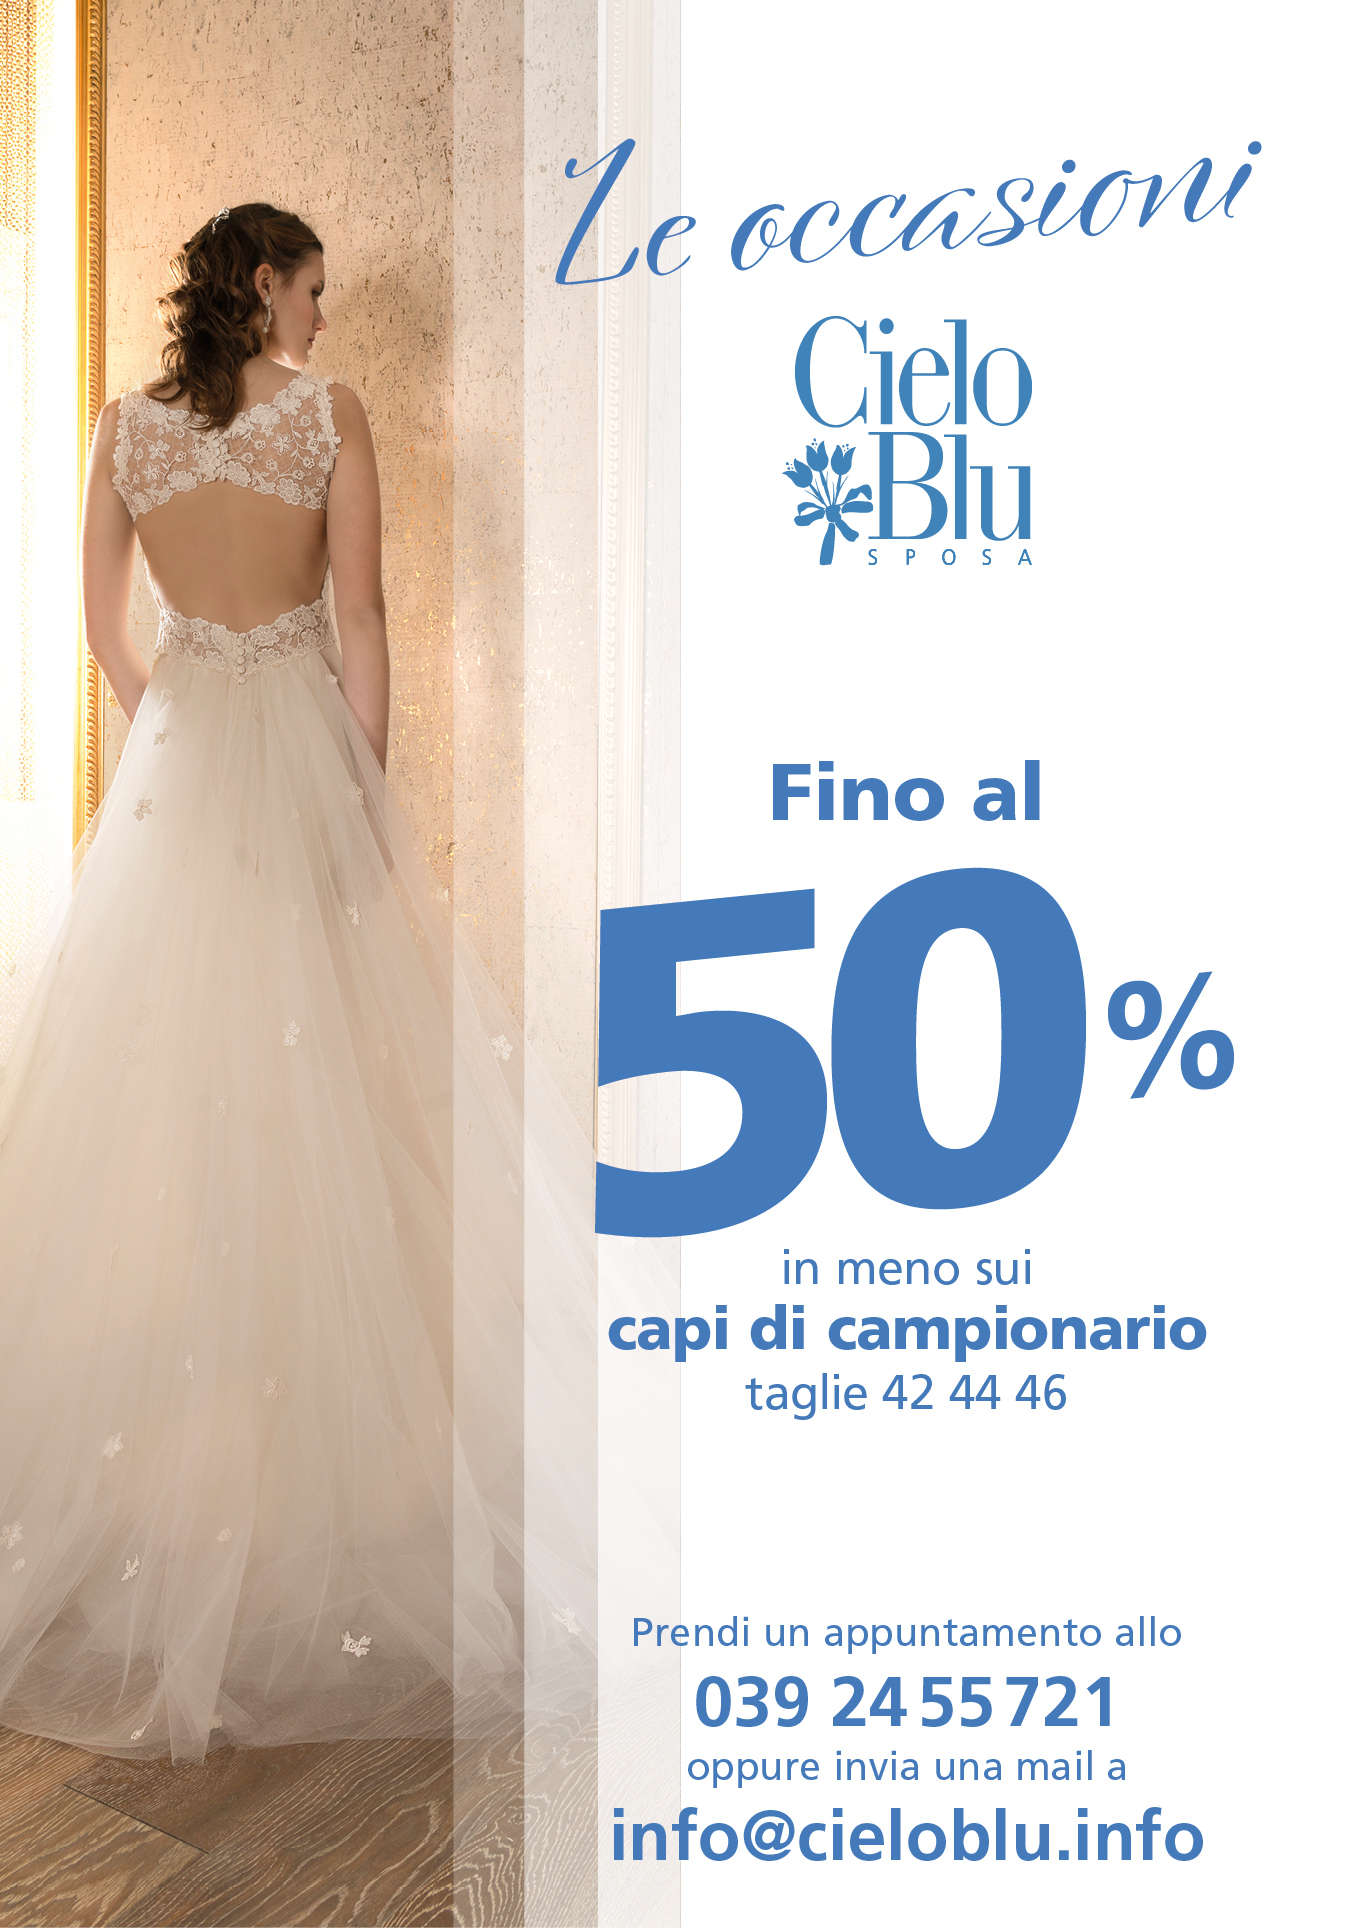 Abiti Da Cerimonia 30 Euro.Vestiti Da Sposa Su Misura Cieloblu Sposa Home